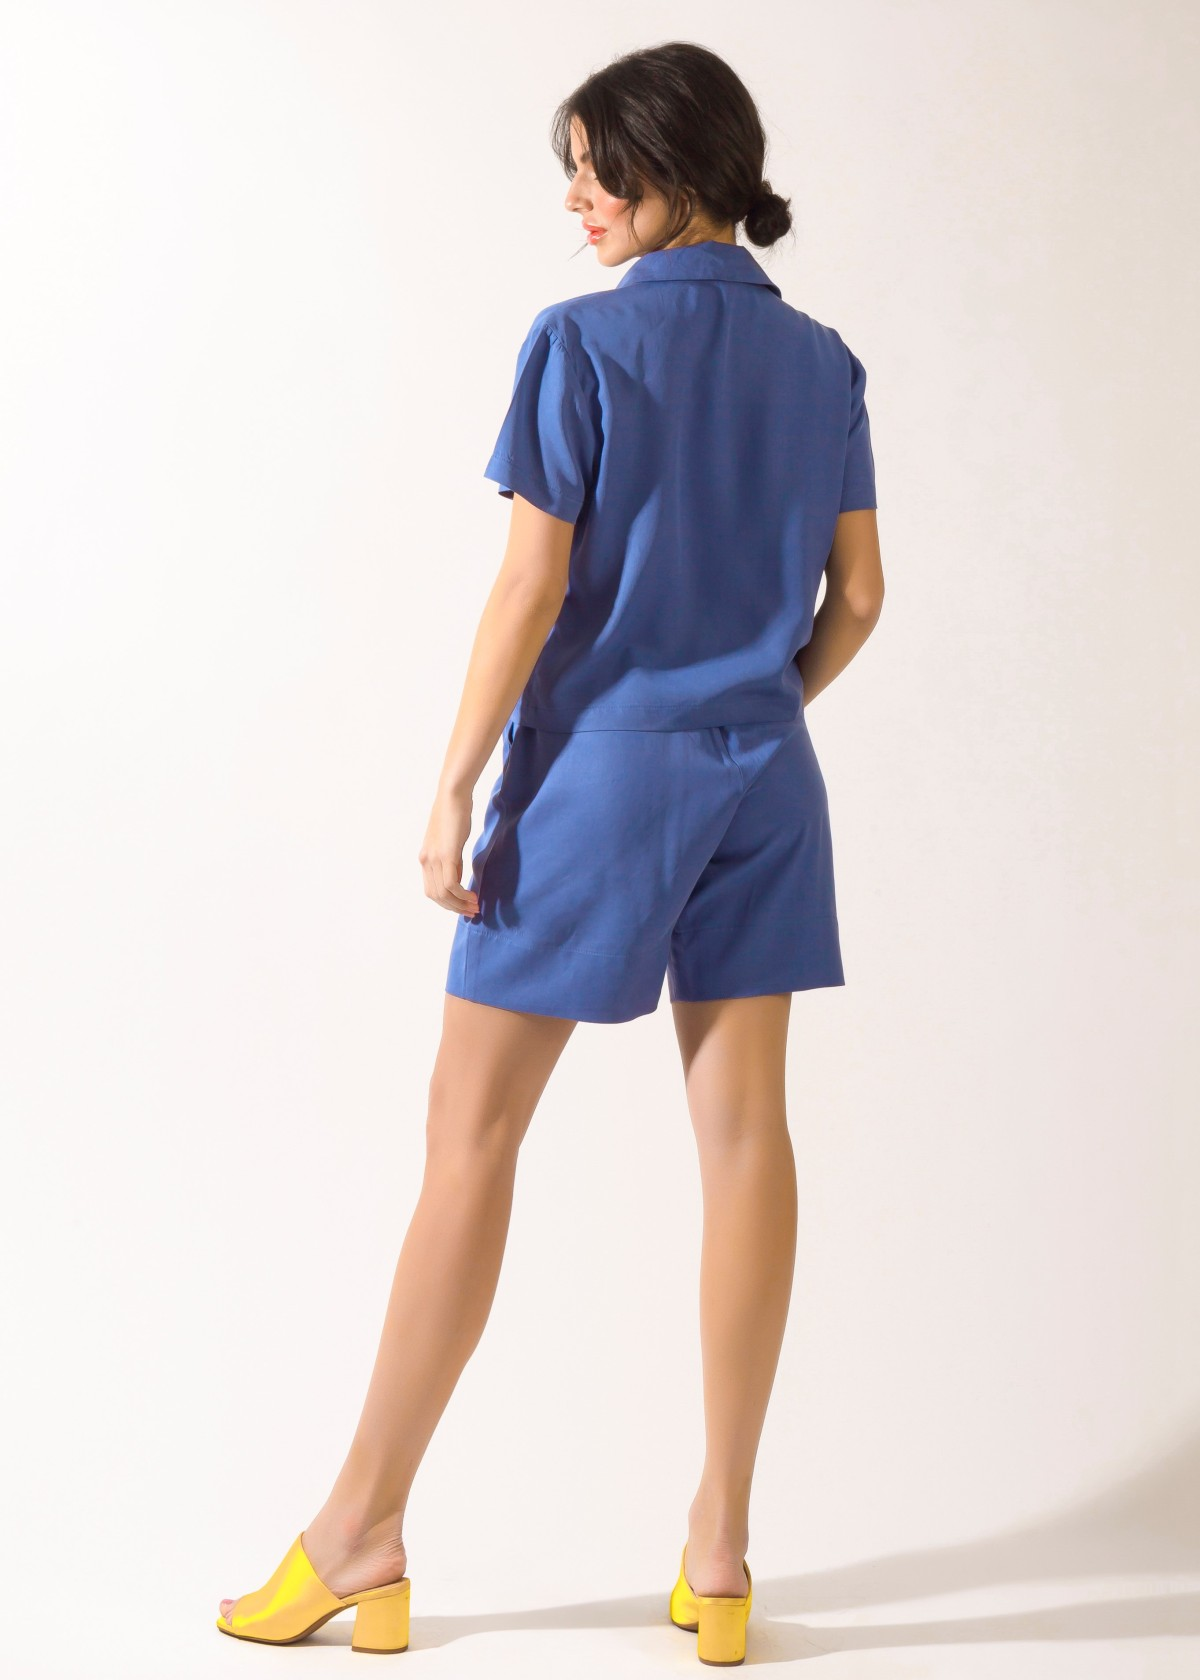 RINE Shirts & Shorts Set